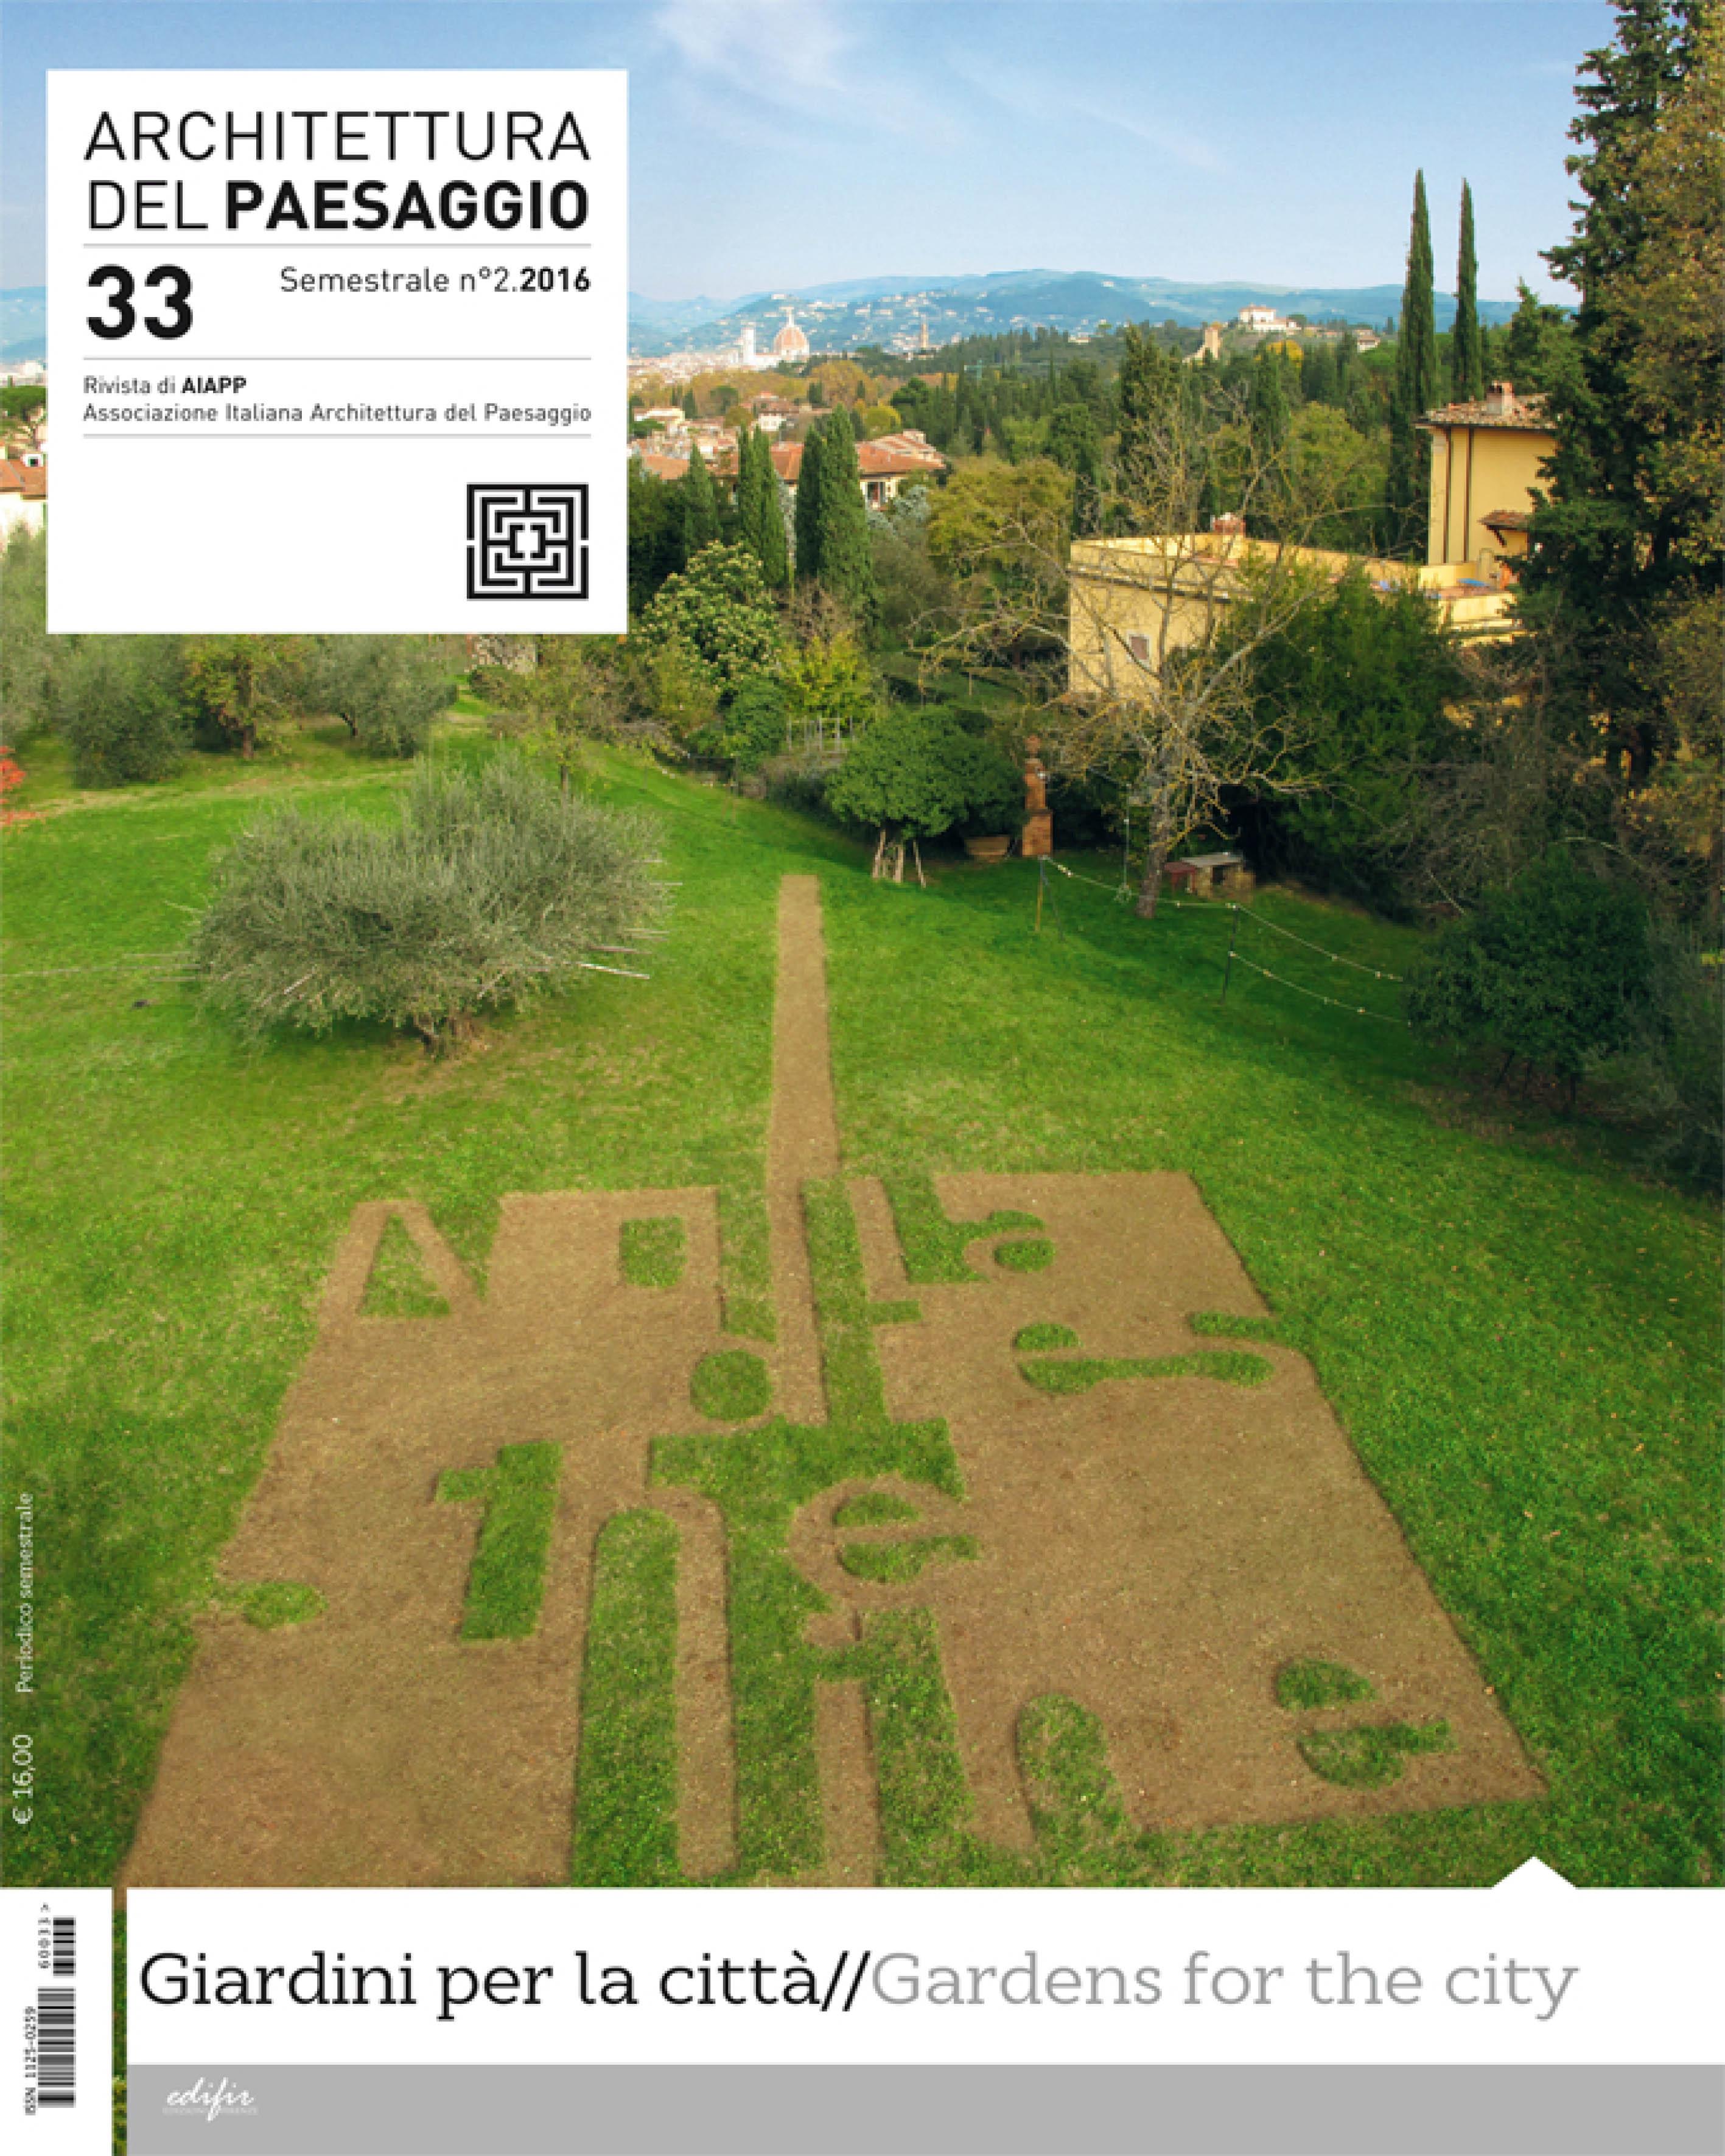 Architettura del paesaggio 33 giardini per la citt for Architettura giardini